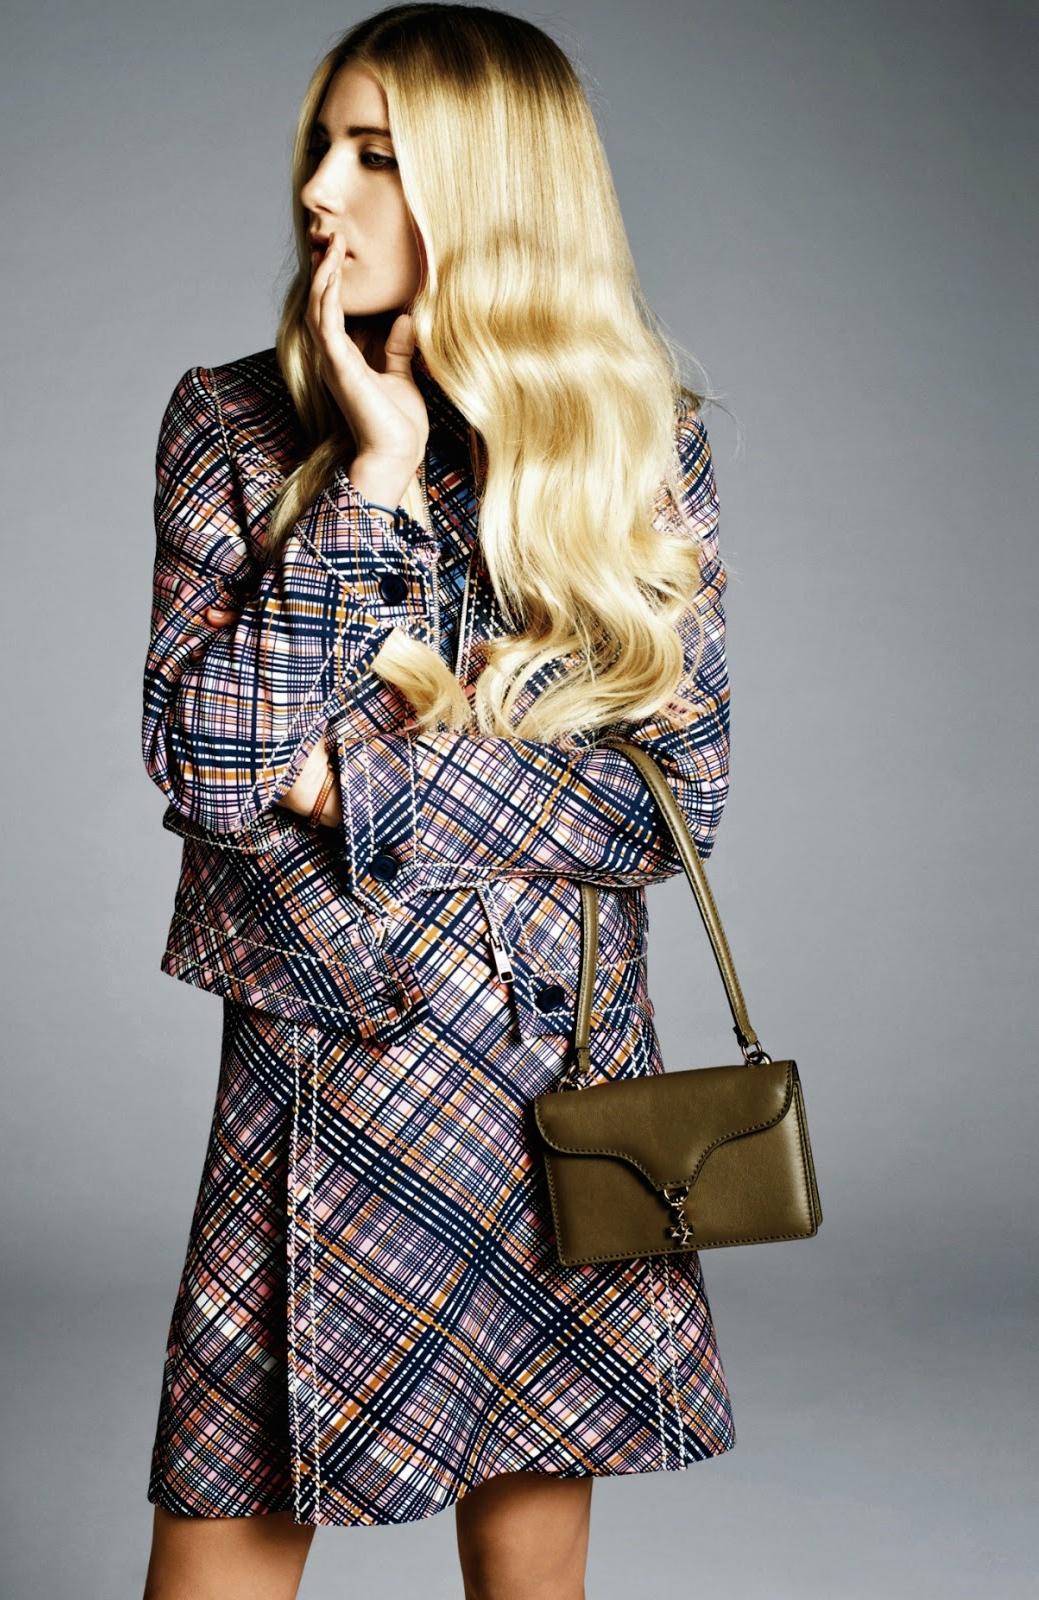 Womens-Business-Attitire-in-Harper's-Bazaar-US-October-2014-1